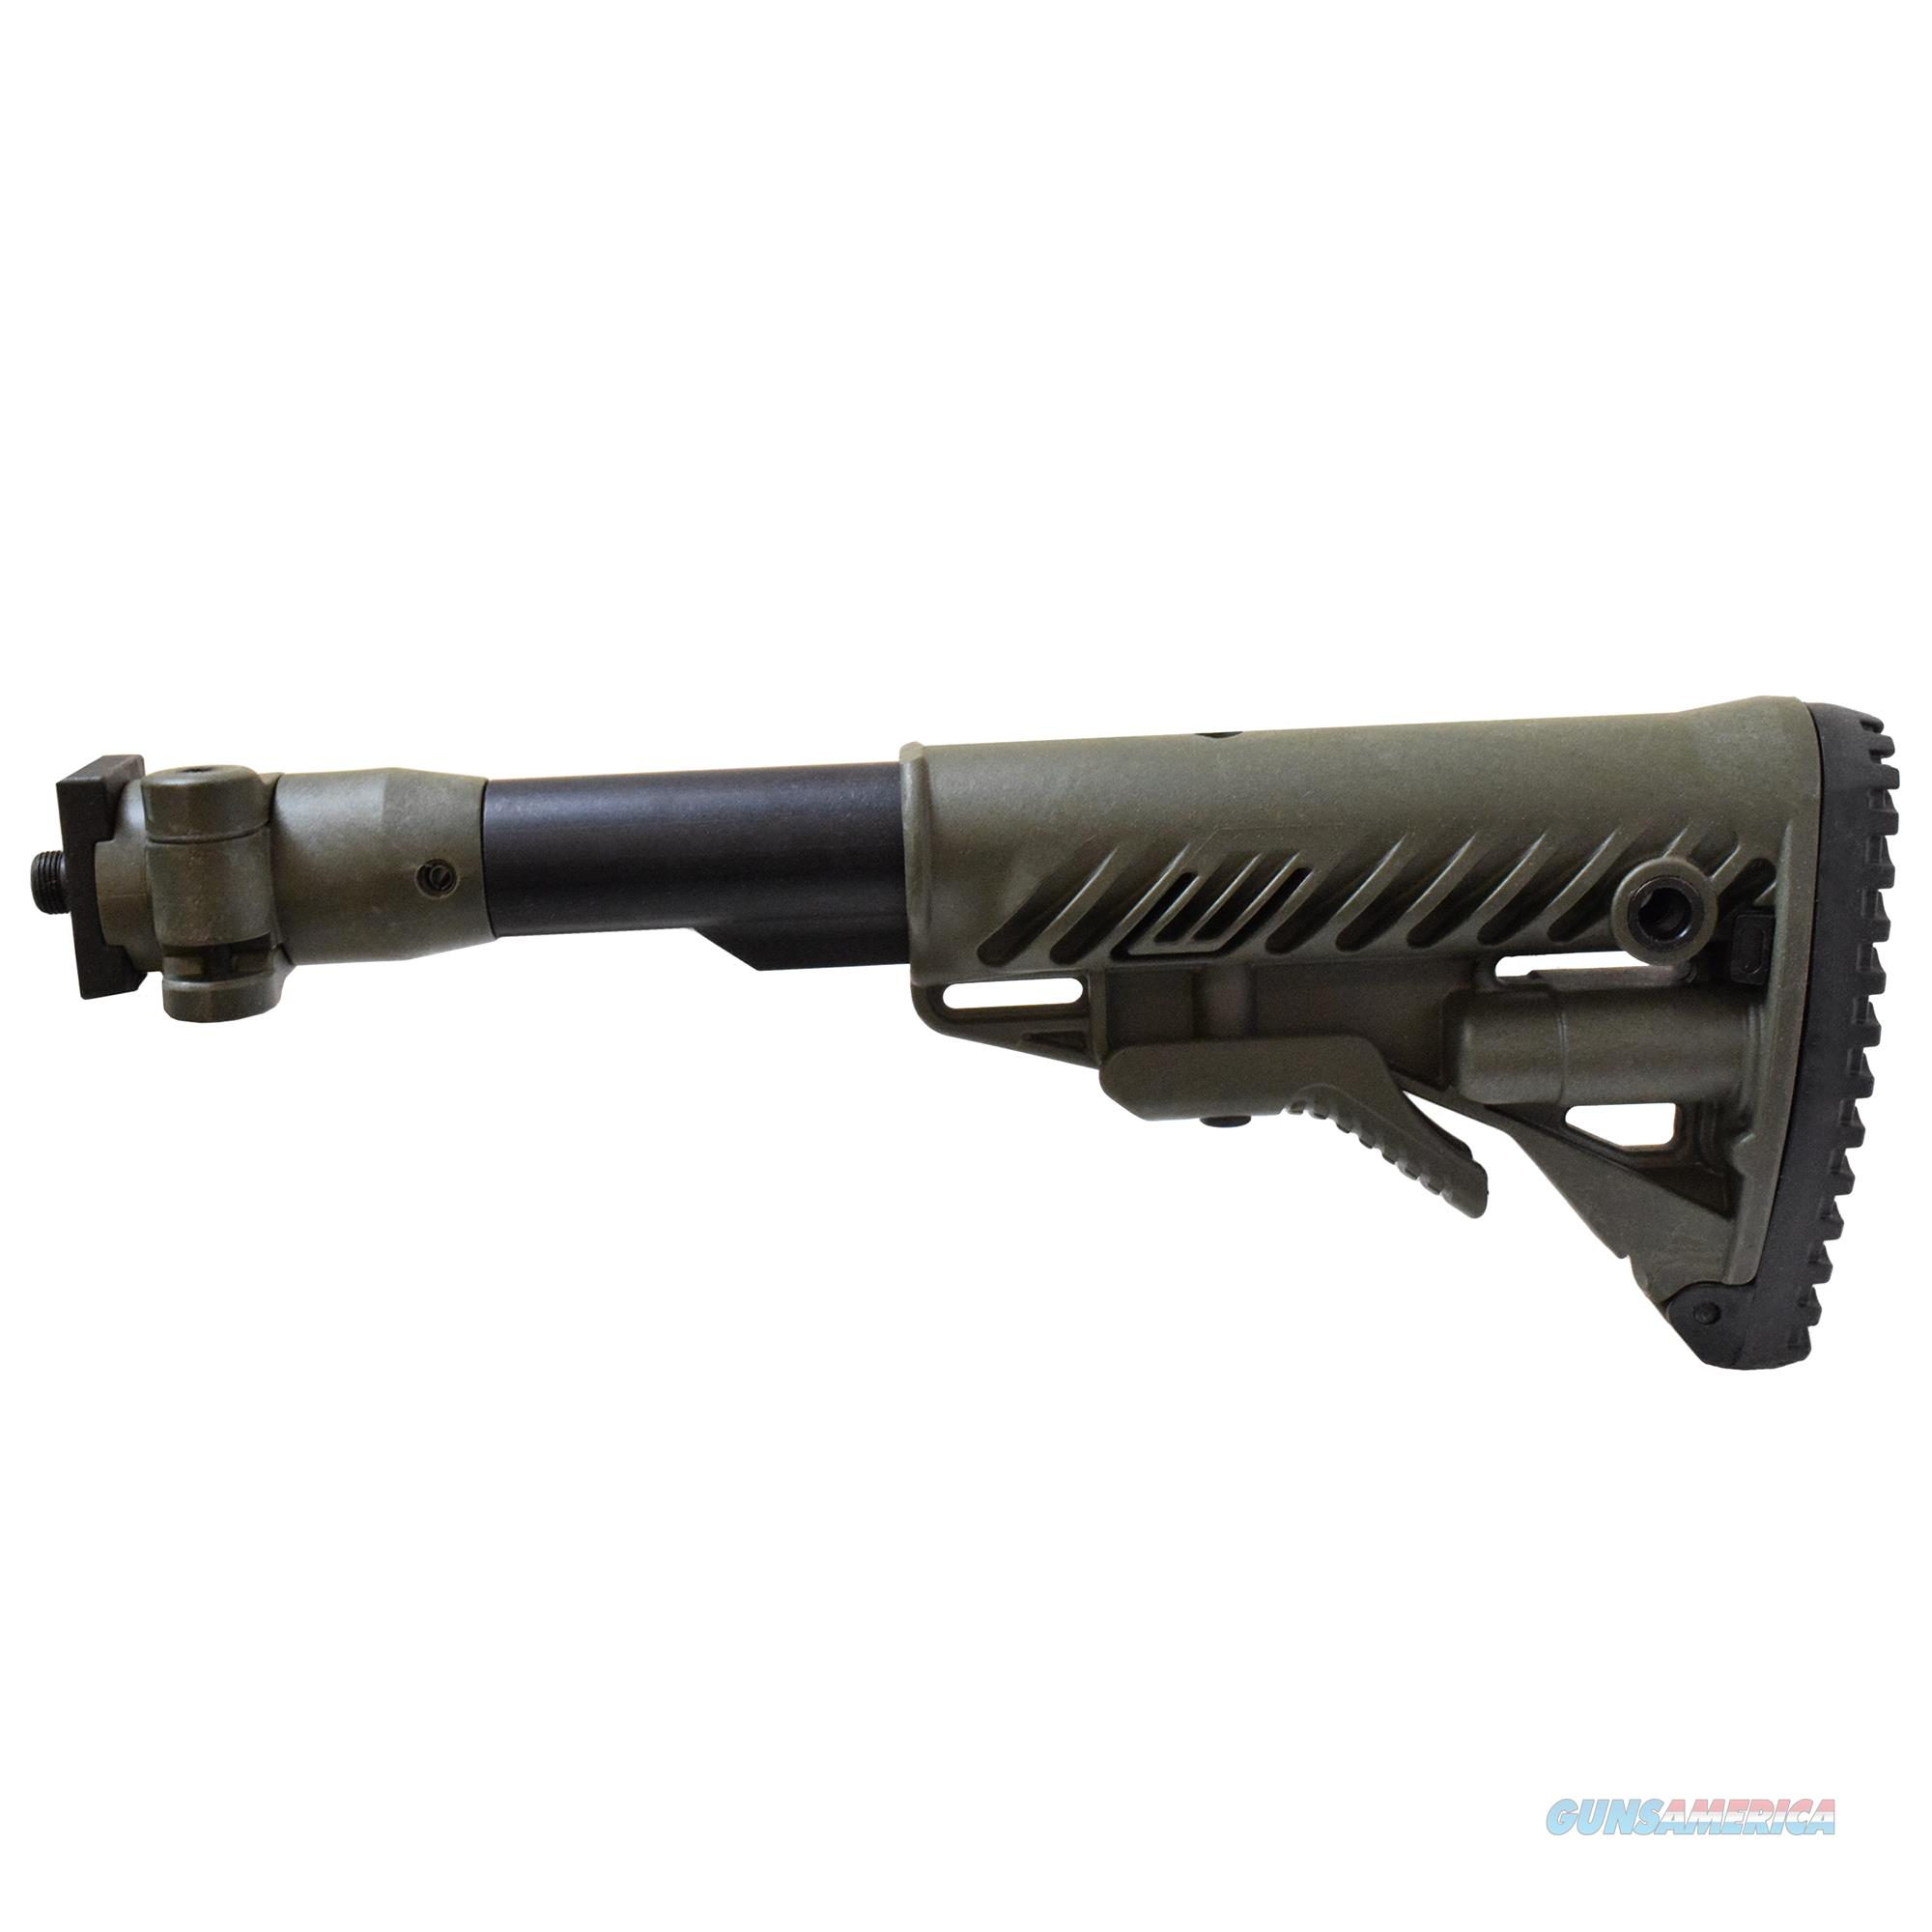 Mako Group Folding Collapsible Buttstock System M4VZP-OD  Non-Guns > Gunstocks, Grips & Wood